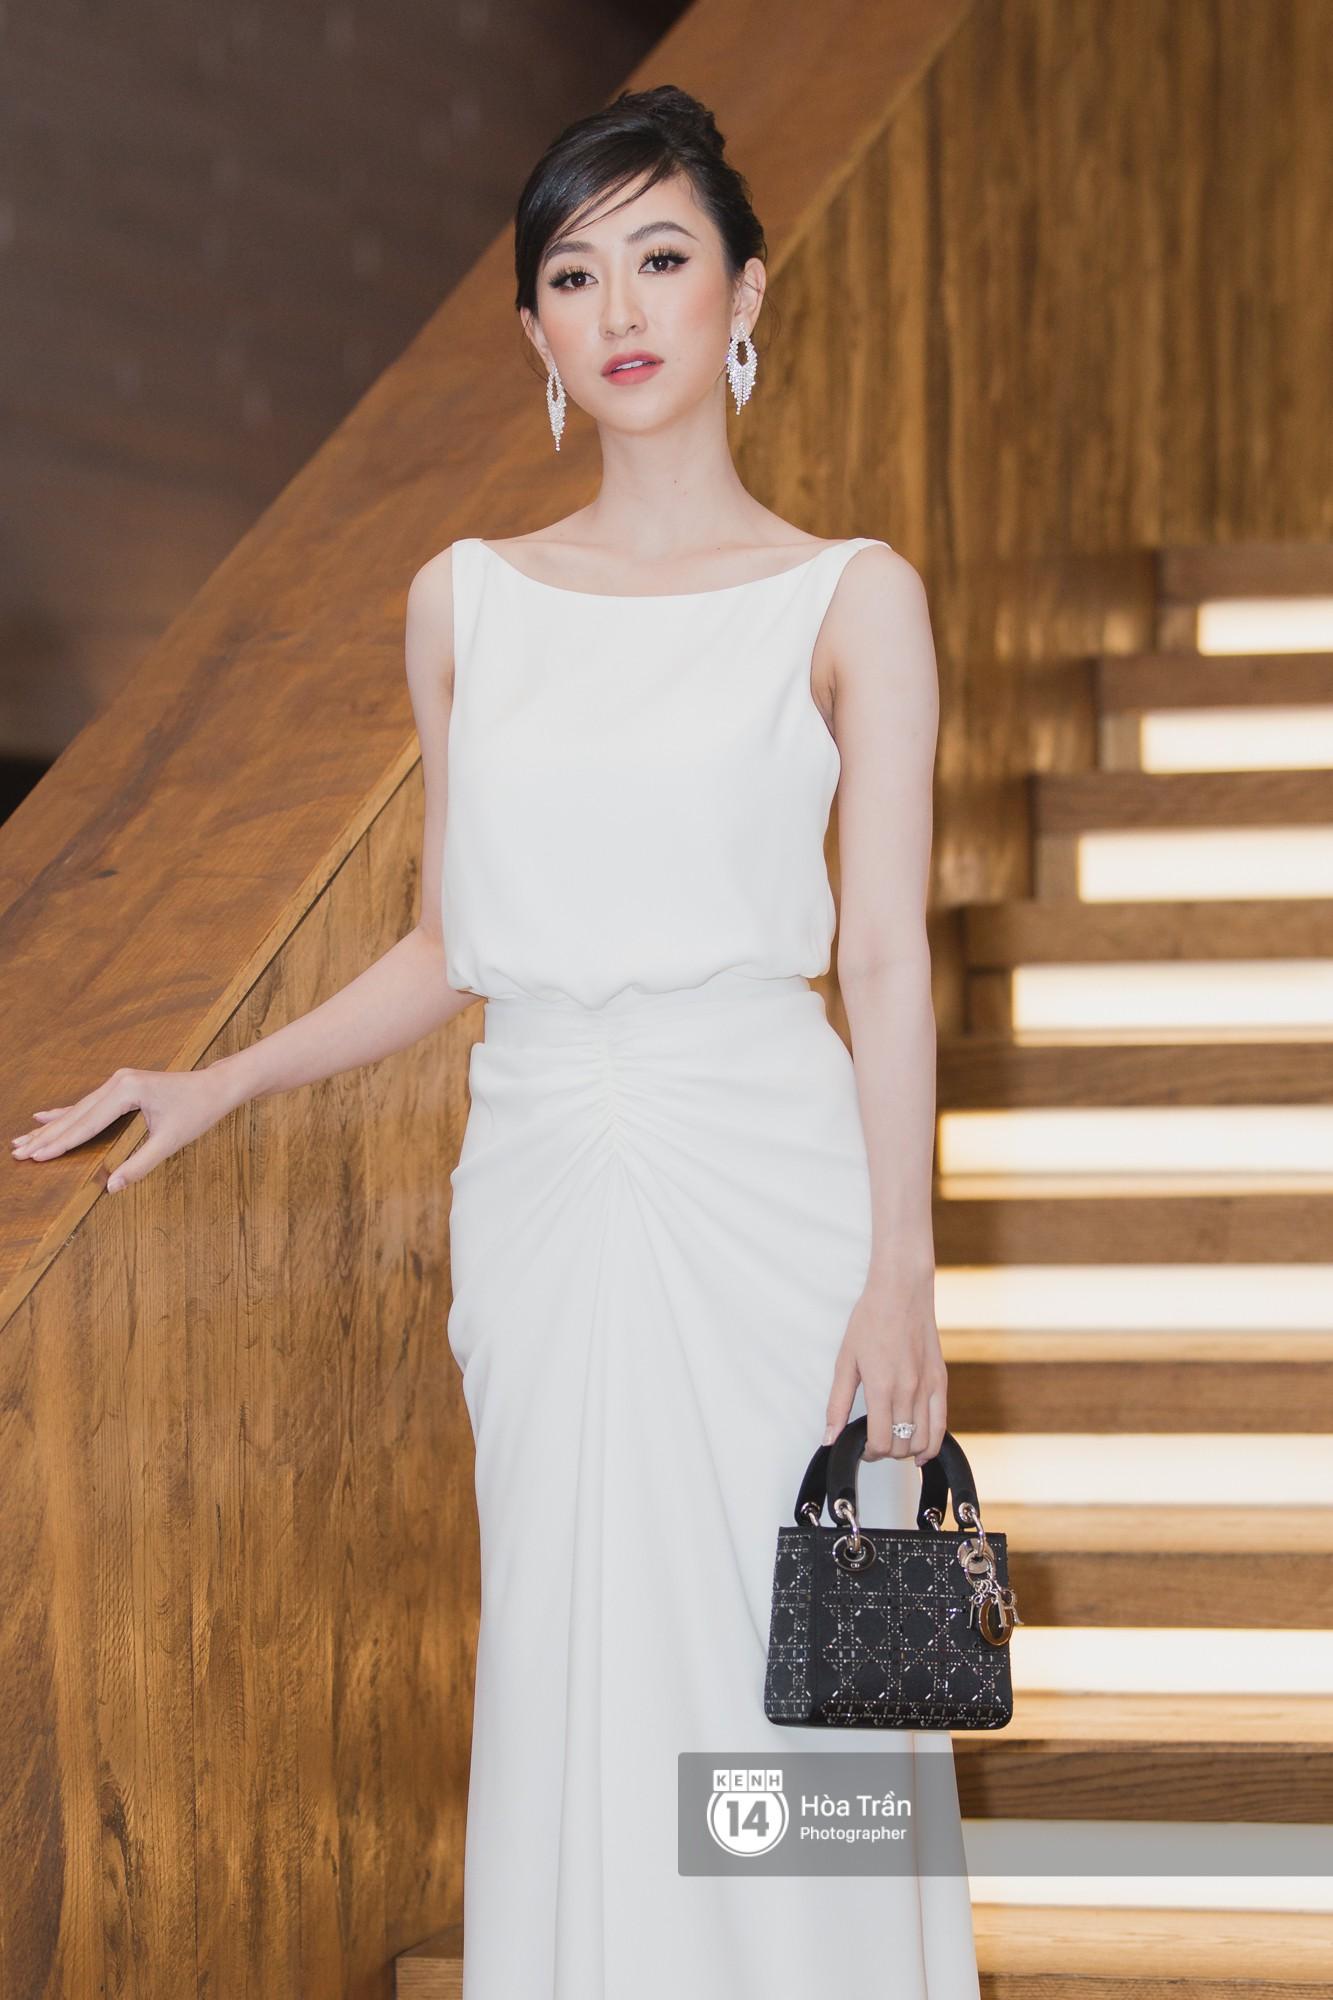 Giữa một dàn mỹ nhân giật giũ như Hari và Jun Vũ, Hoa hậu Đặng Thu Thảo giản dị mà vẫn trội bật - Ảnh 24.